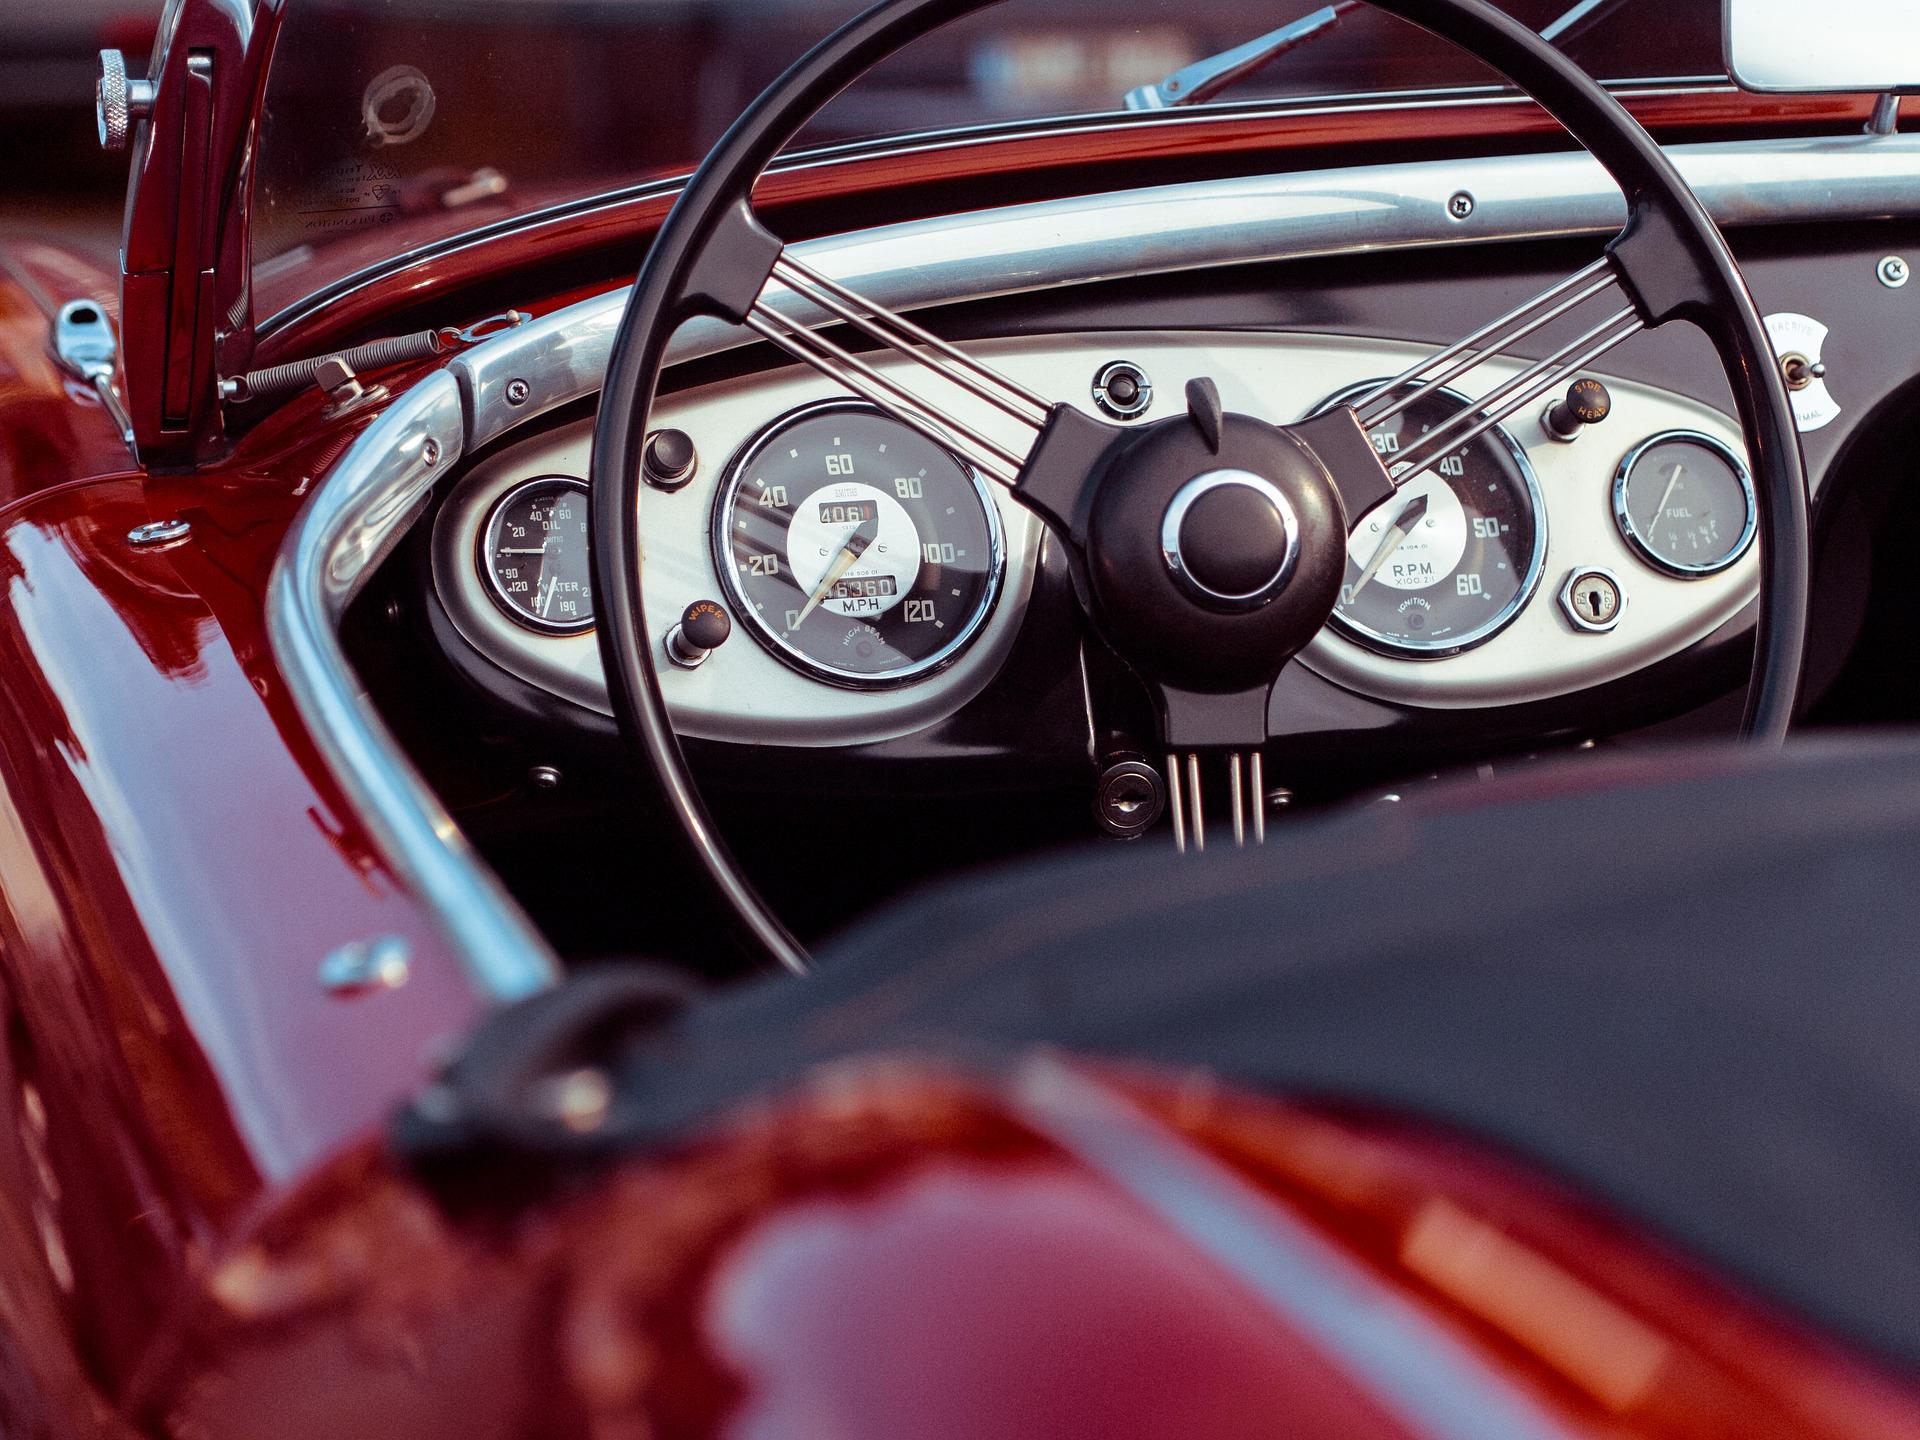 car-1544342_1920